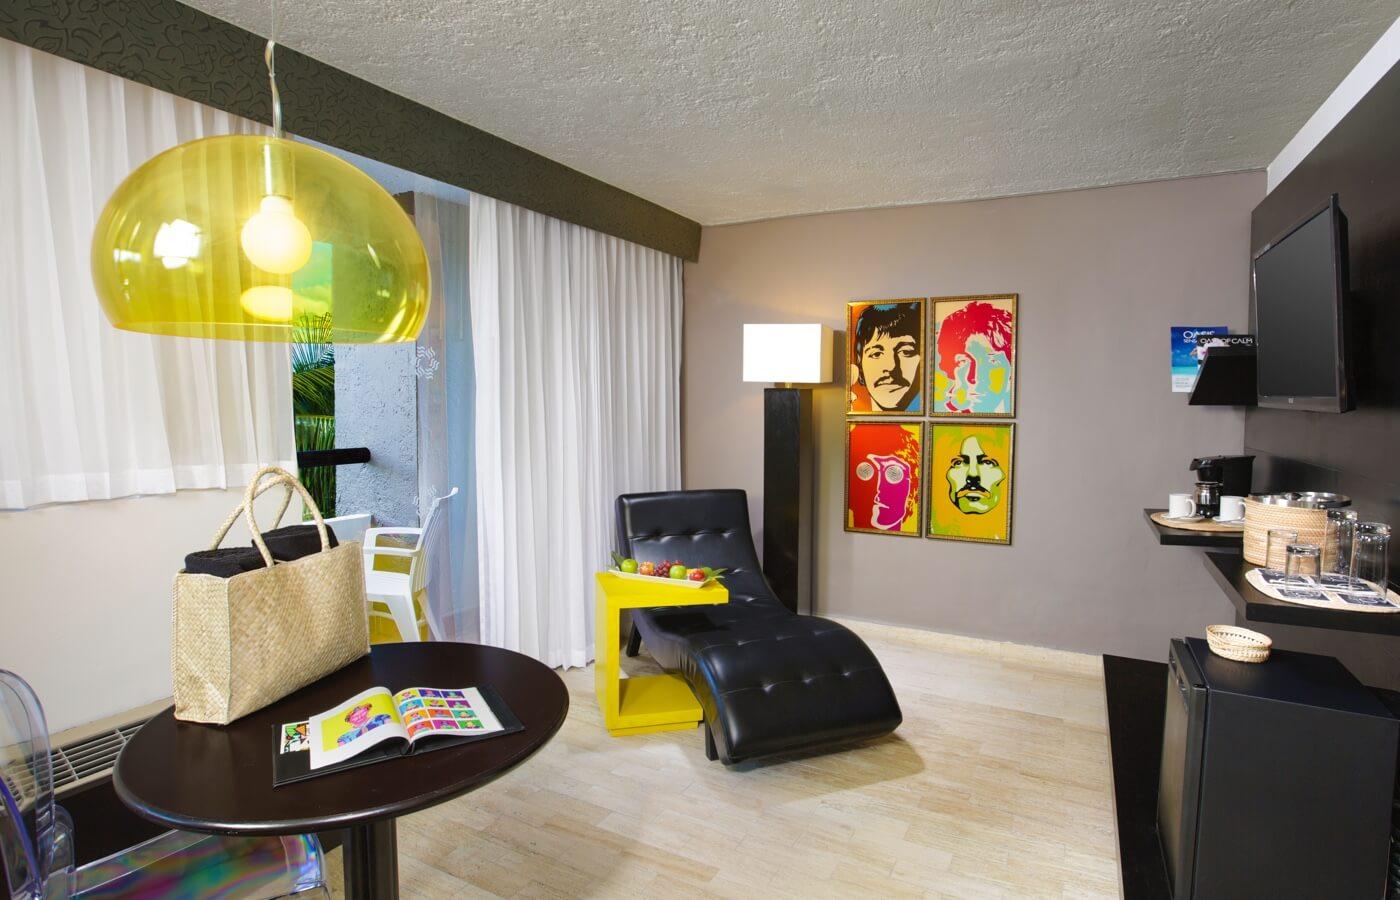 Decoración pop y sillones en habitación de hotel Oh! Cancun The Urban Oasis